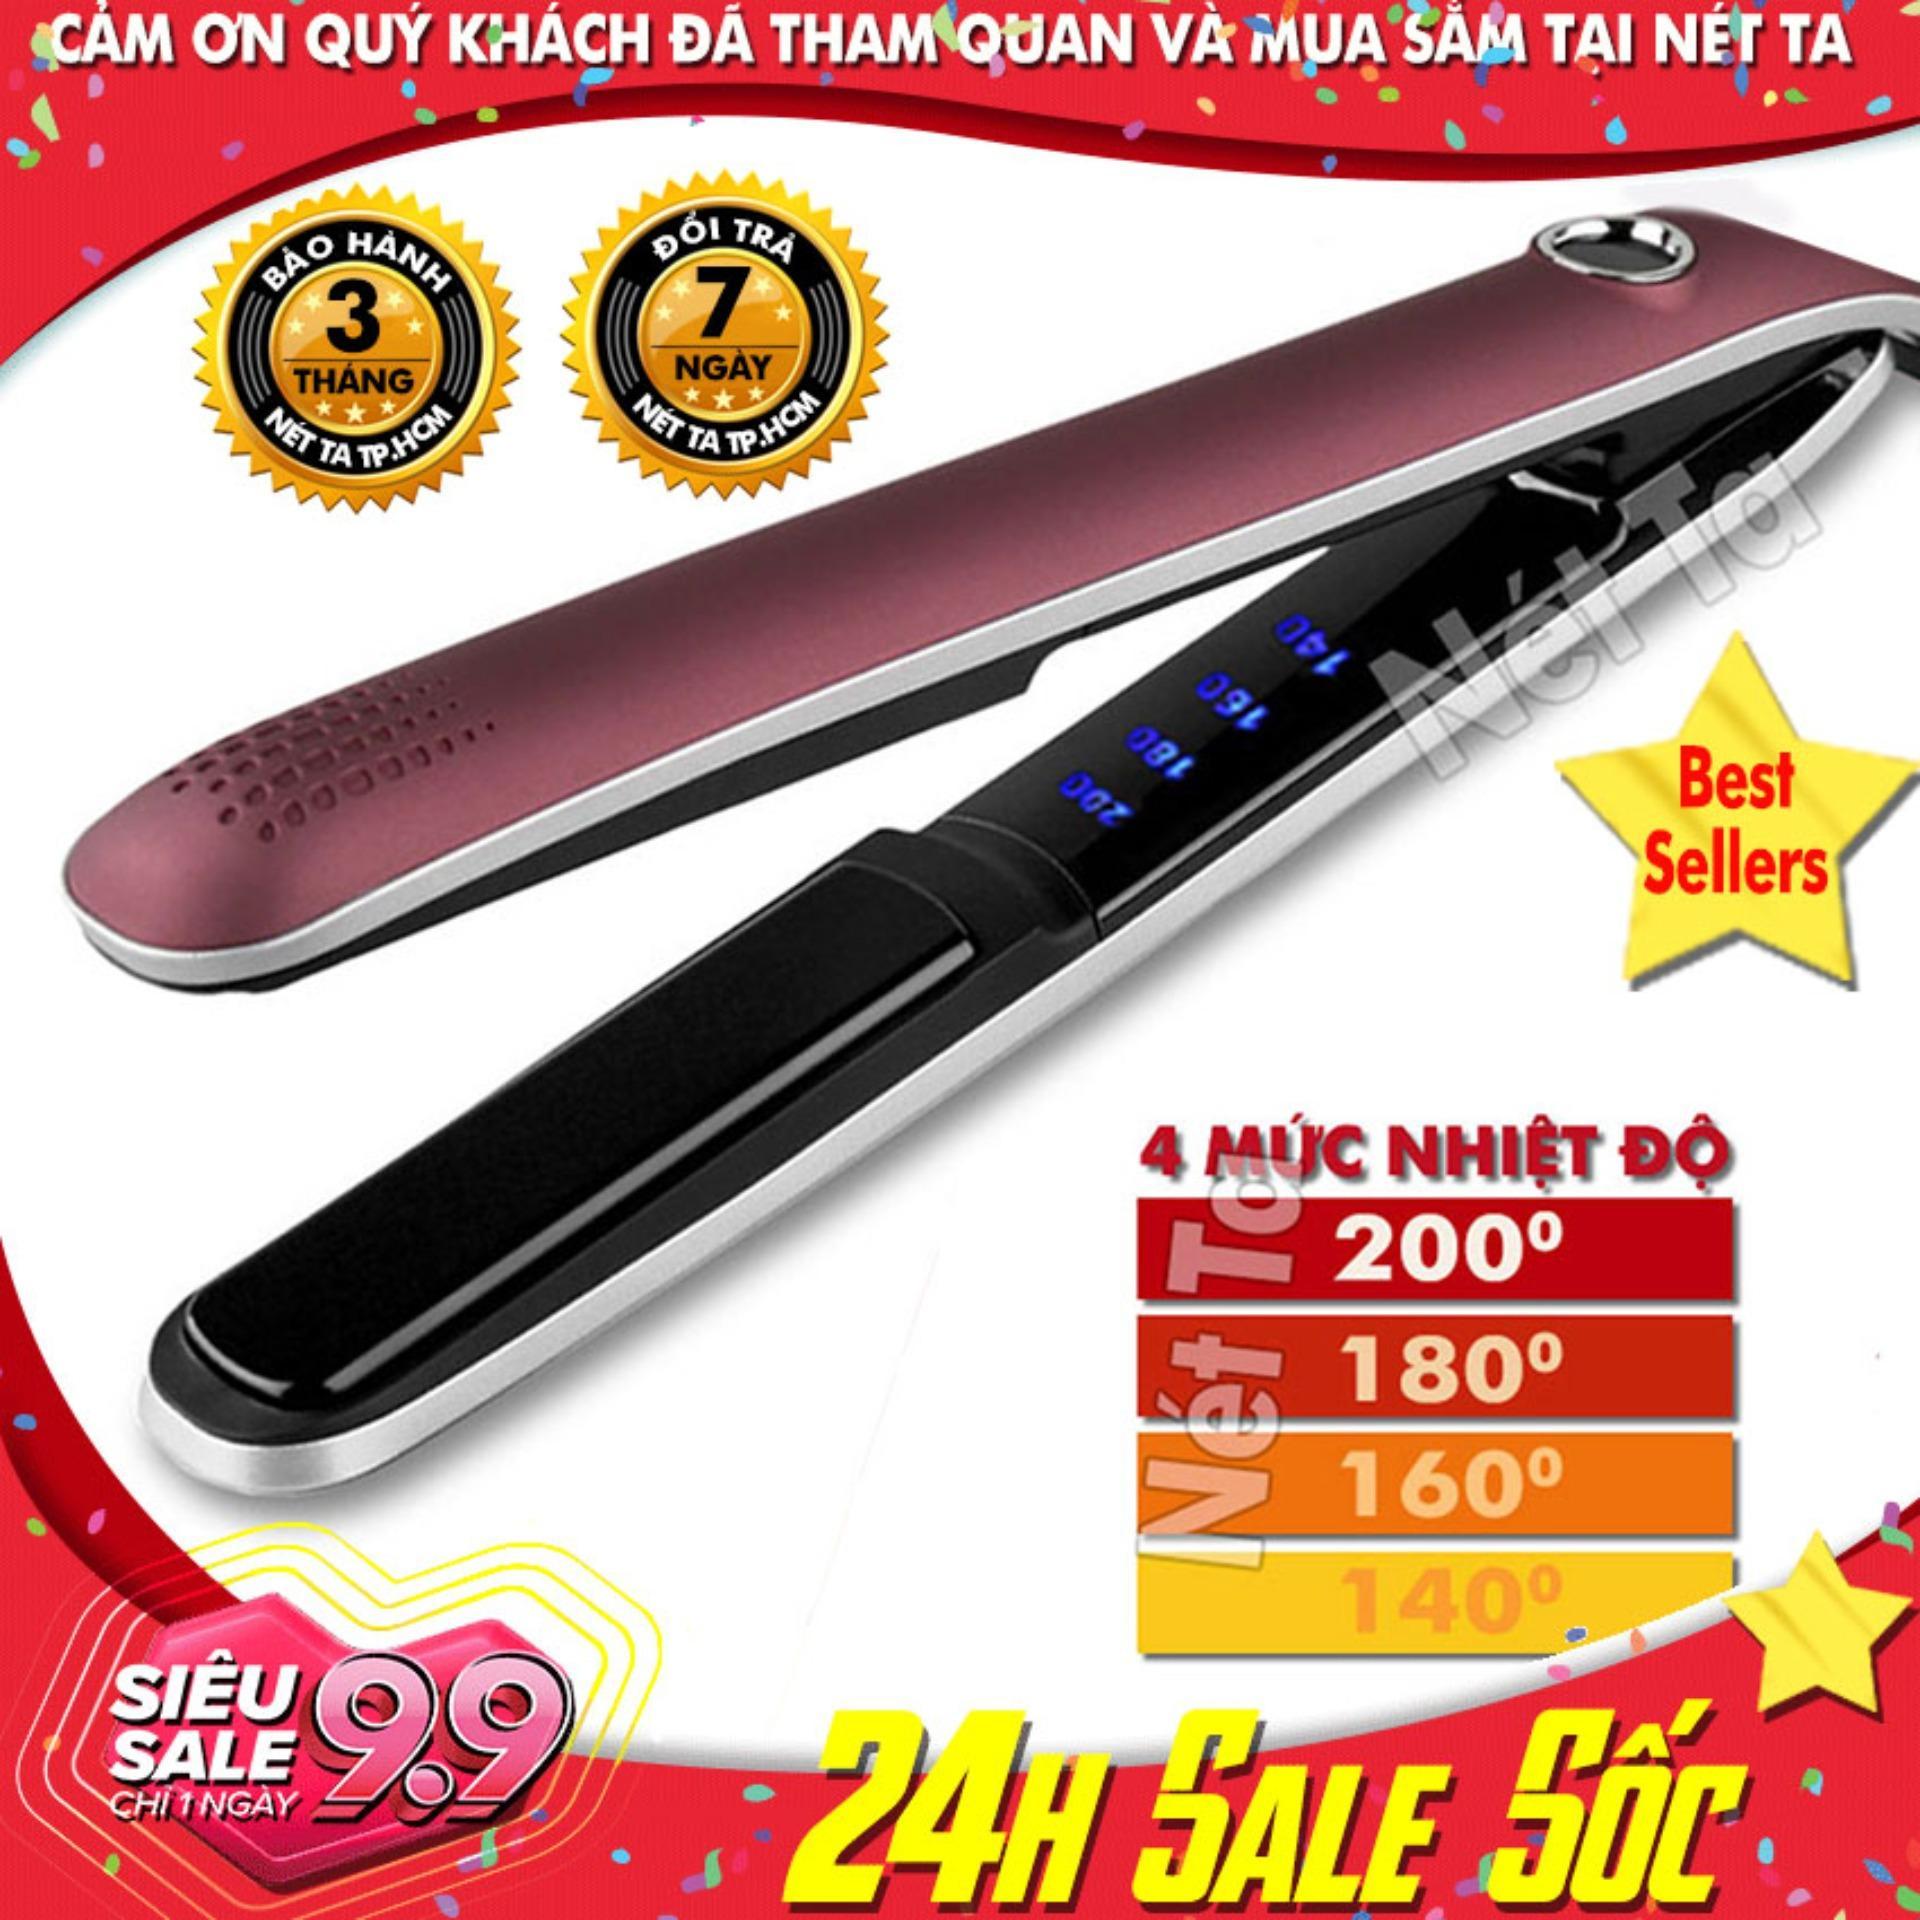 Máy duỗi tóc điều chỉnh nhiệt Kemei KM-2203 chuyên nghiệp có thể dùng để uốn lọn, uốn cụp, là thẳng tóc Nét Ta - Hãng phân phối chính thức tốt nhất